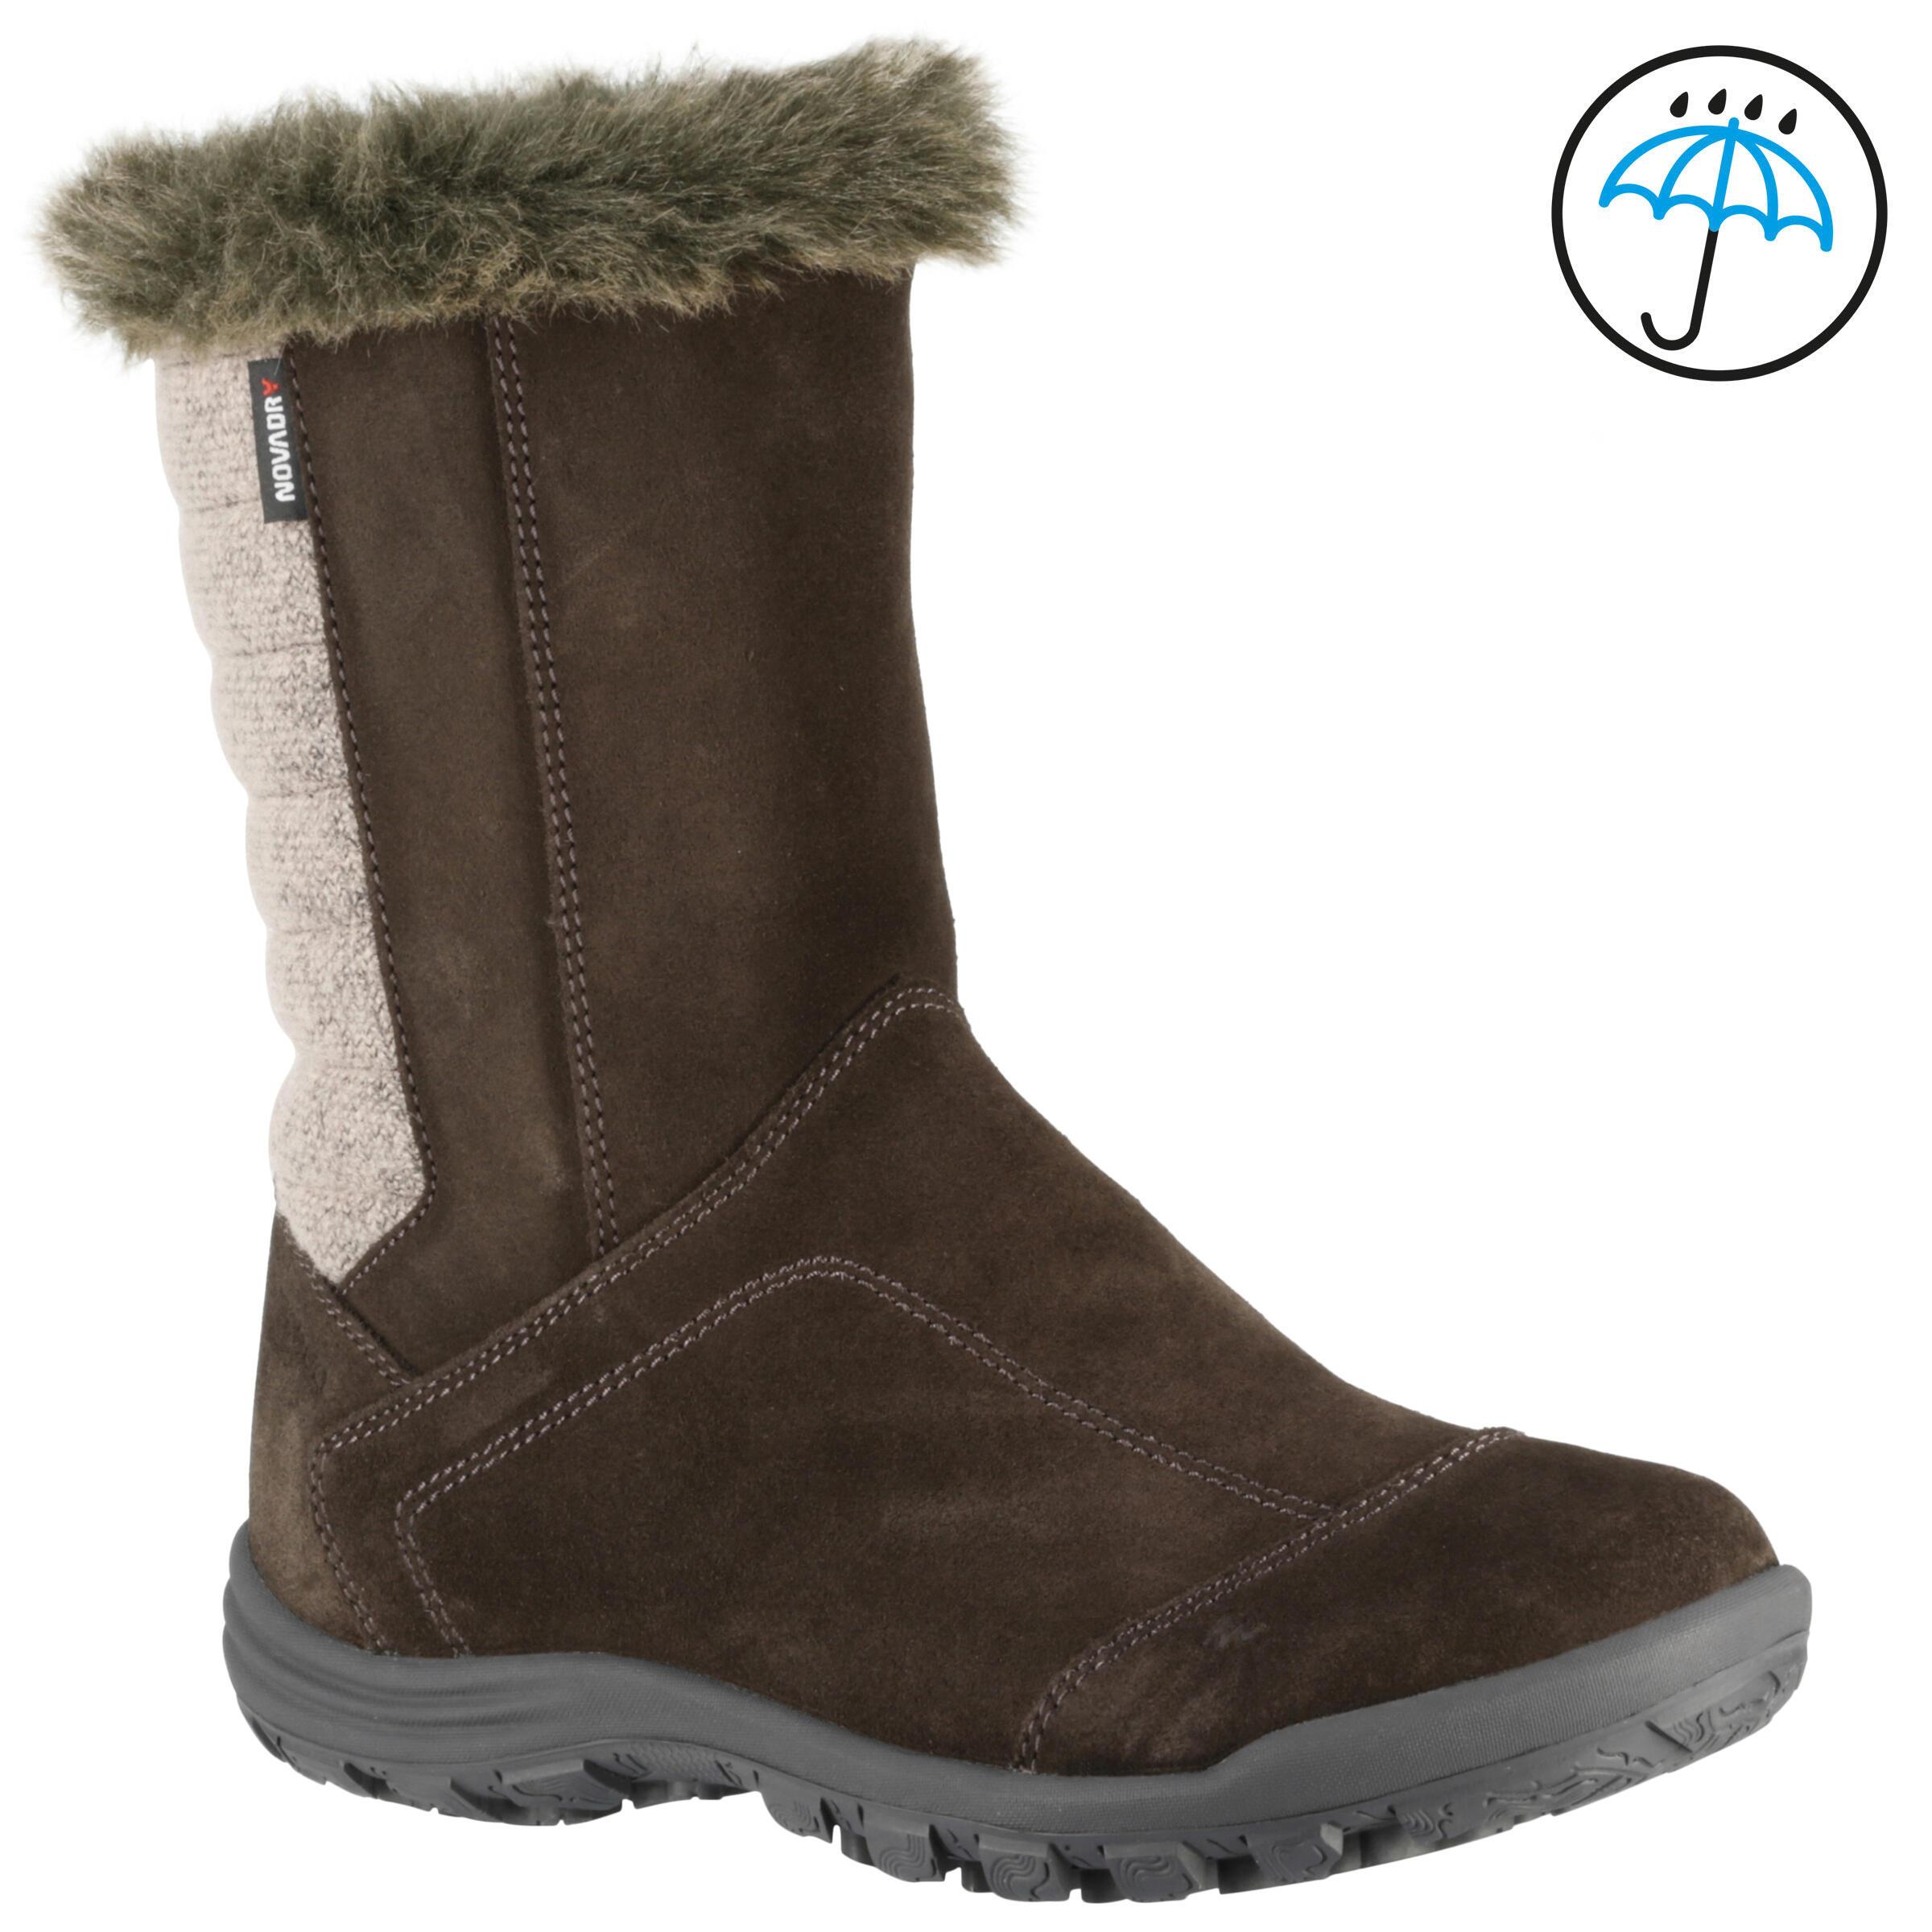 Quechua Laarzen voor wandelen in de sneeuw kinderen SH900 warm/waterdicht koffiebruin thumbnail